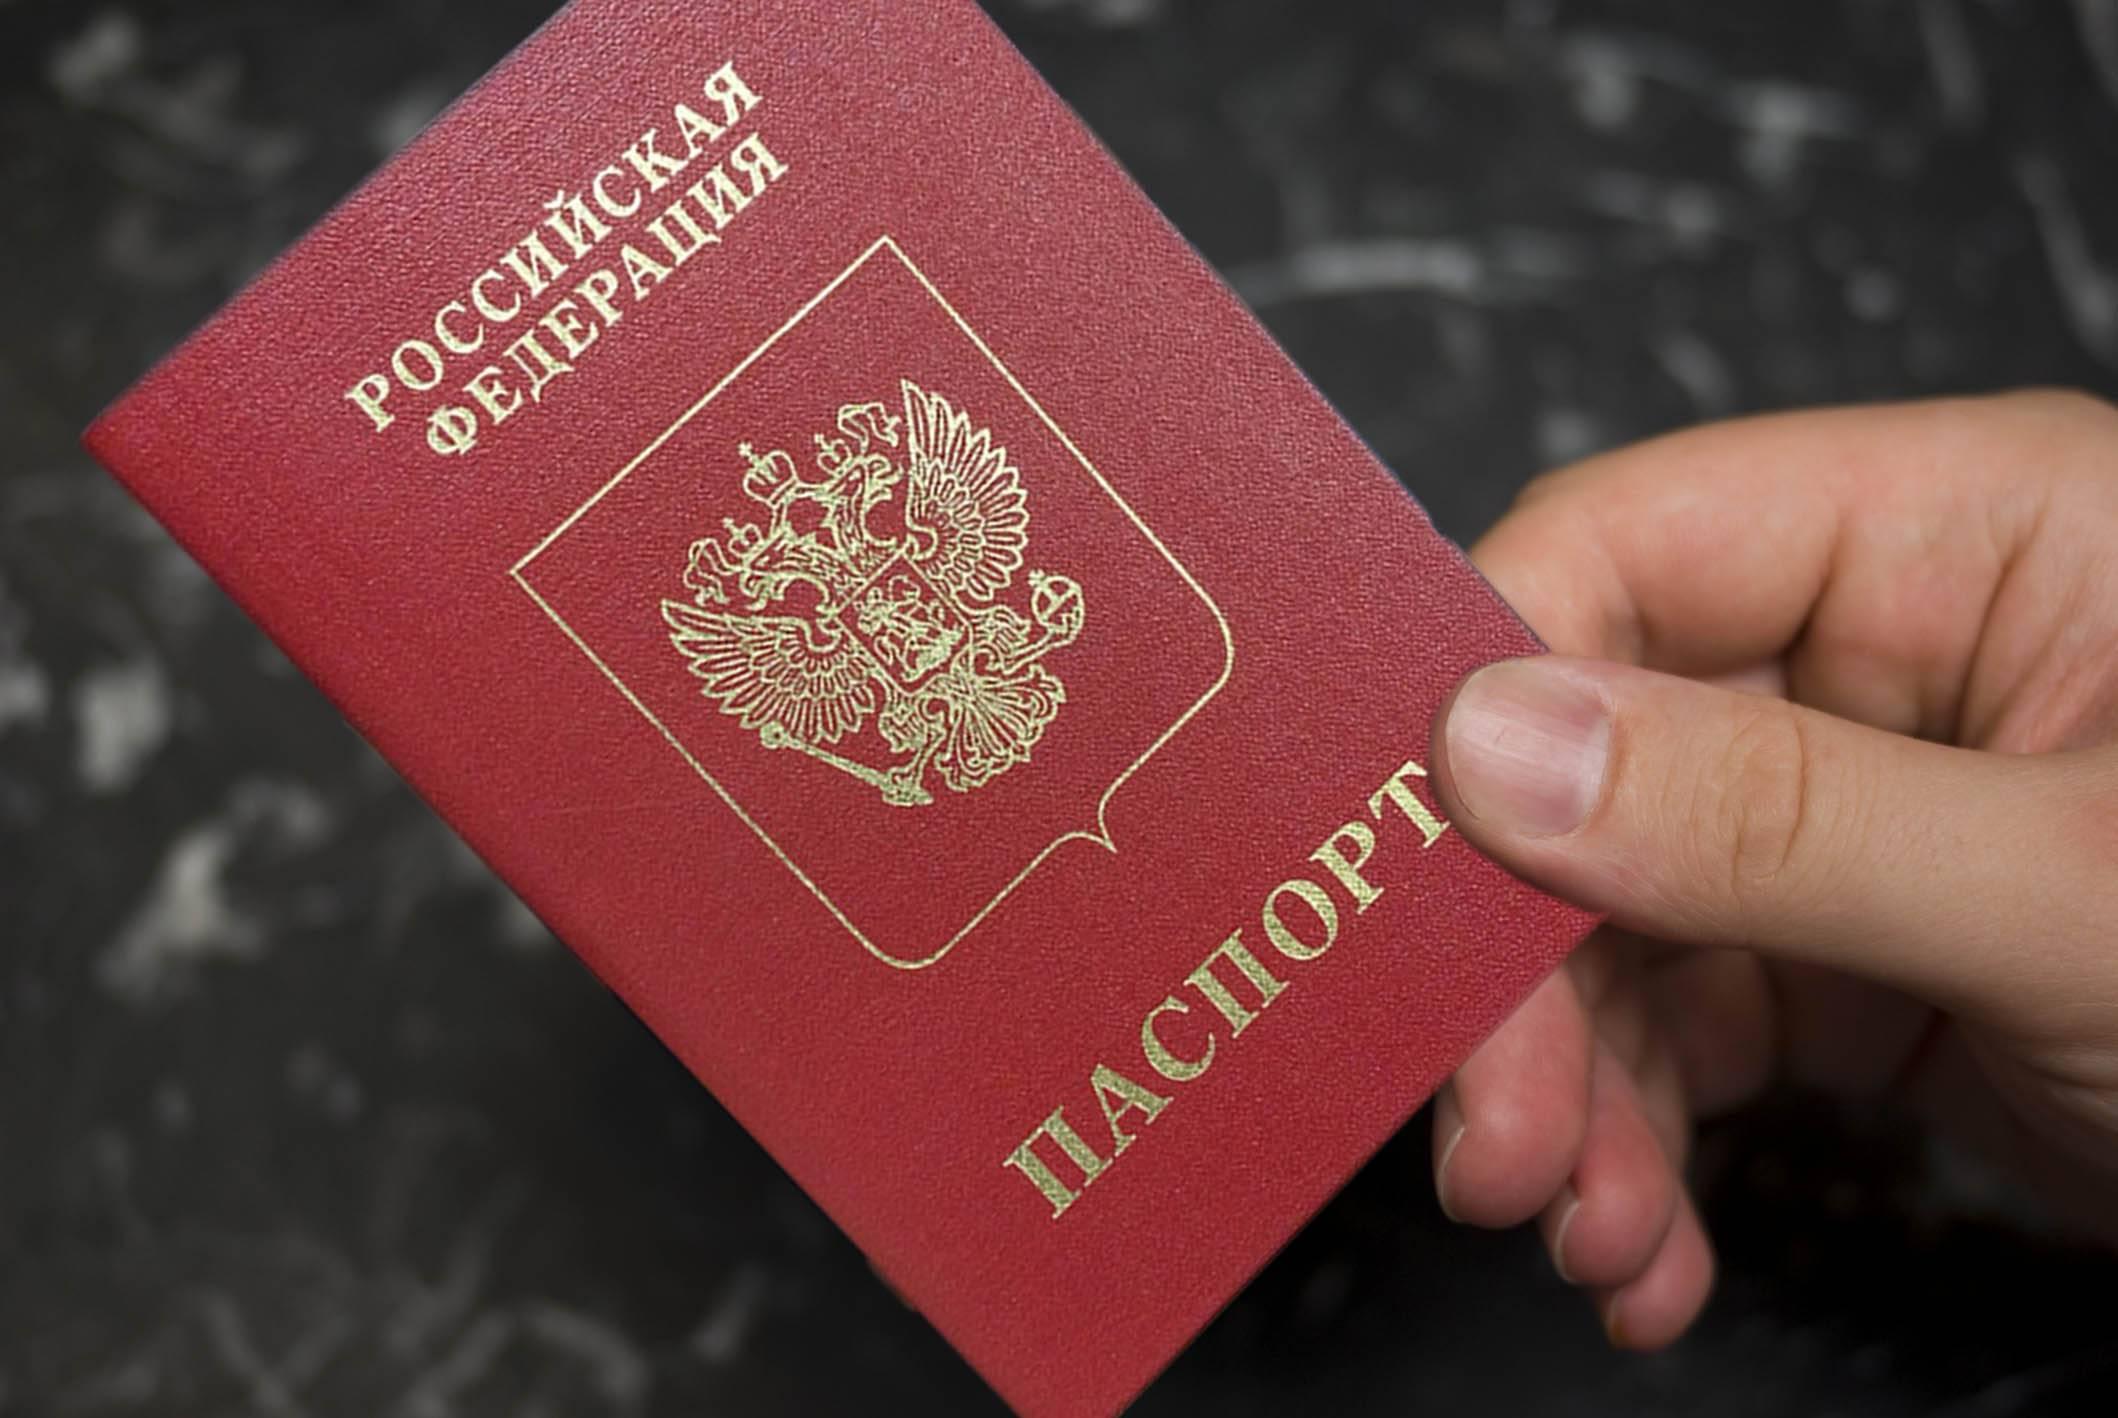 Госдума одобрила в I чтении законопроект о принятии на госслужбу экс-граждан Украины